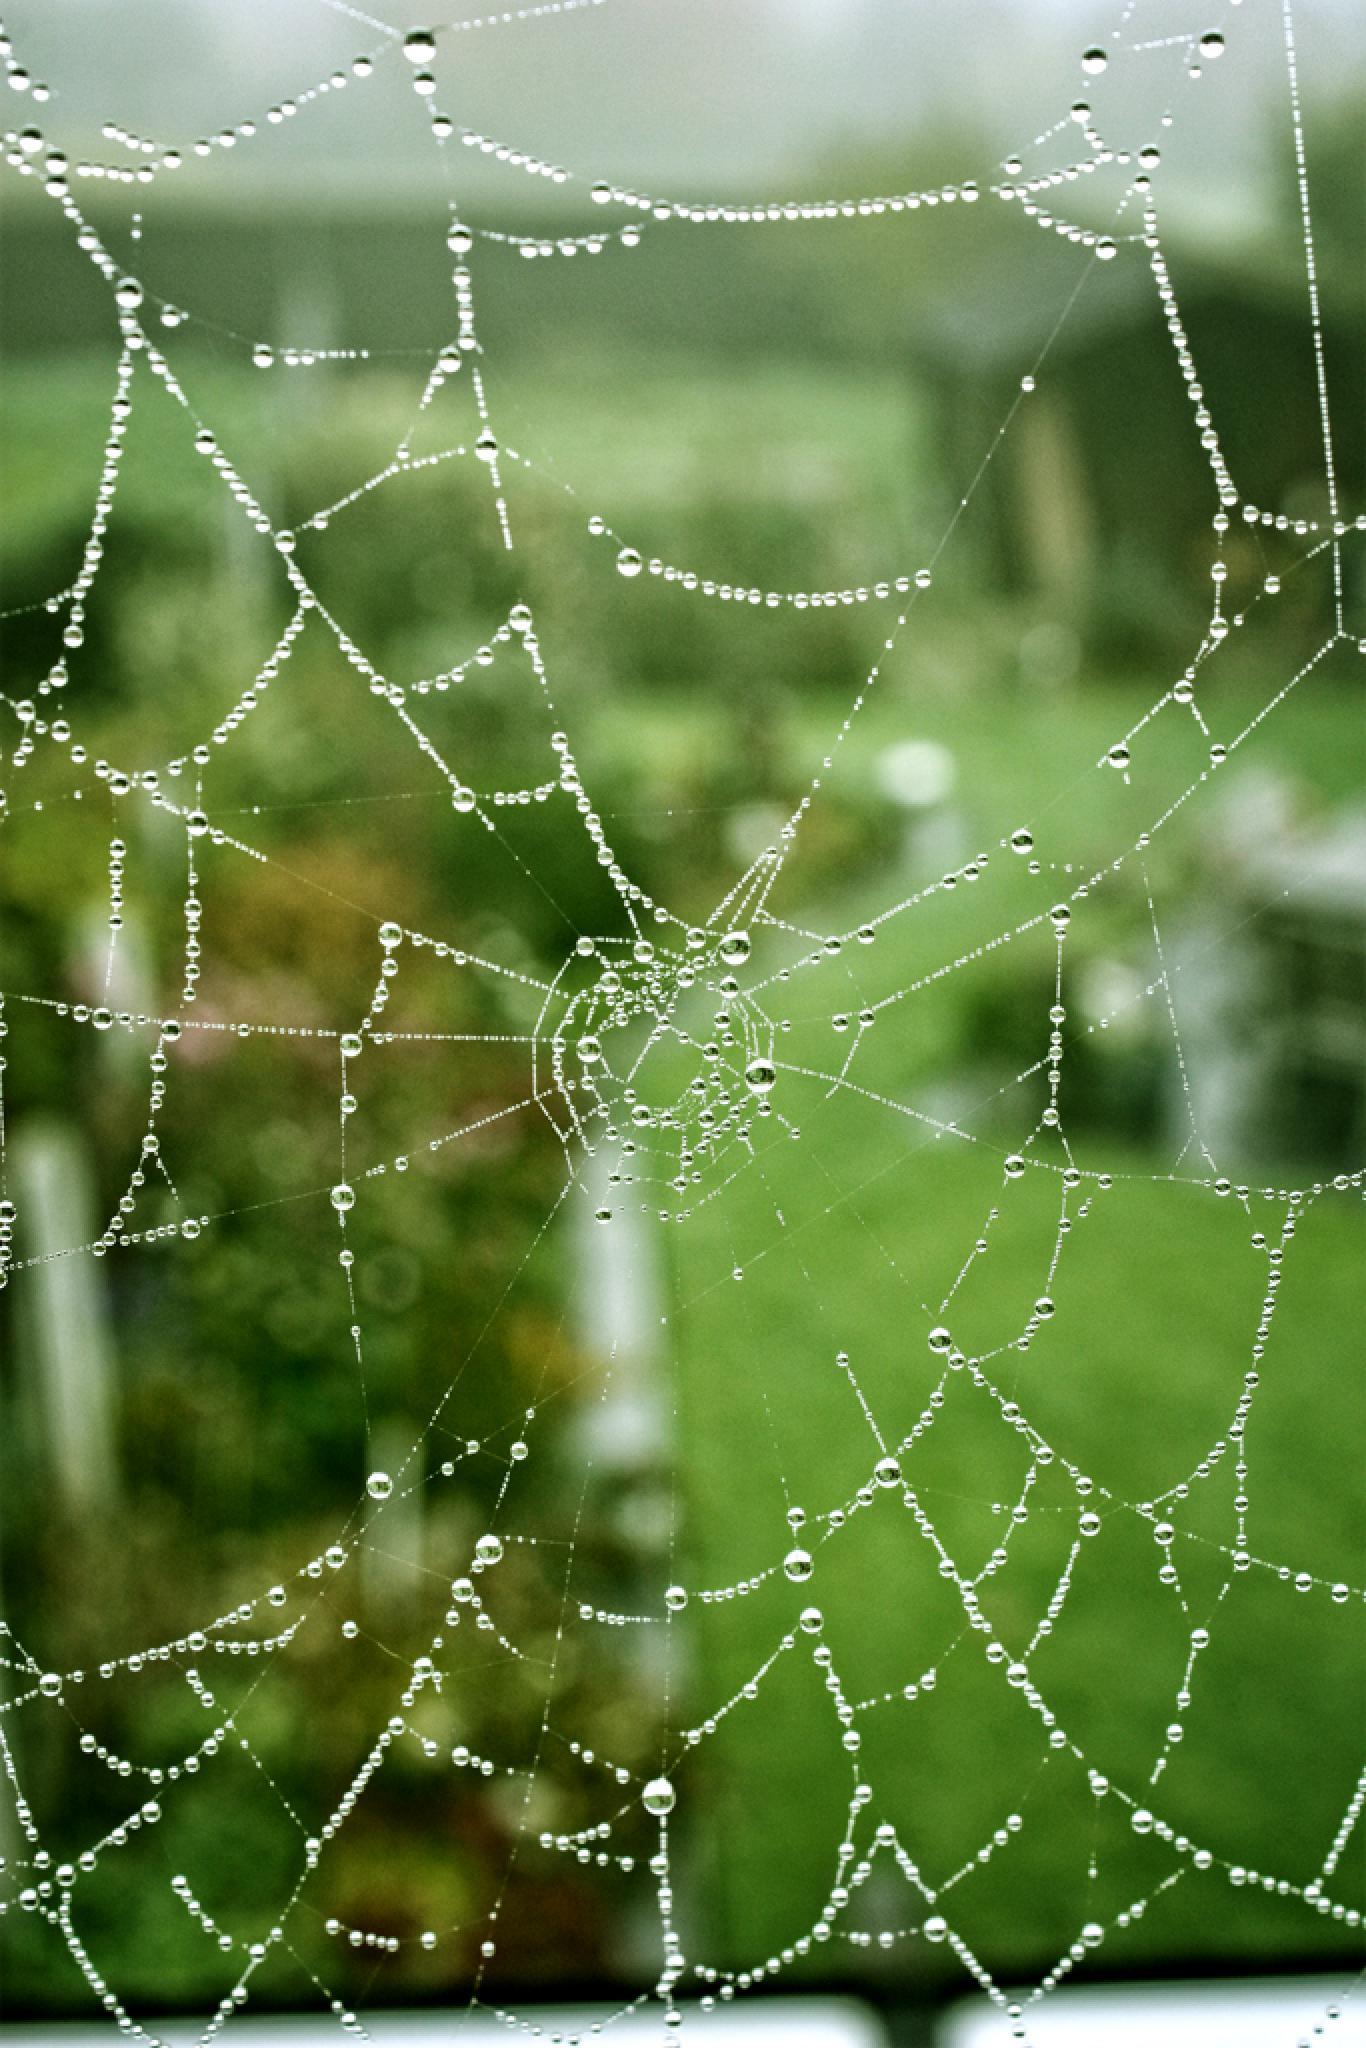 Spiderweb by sg design